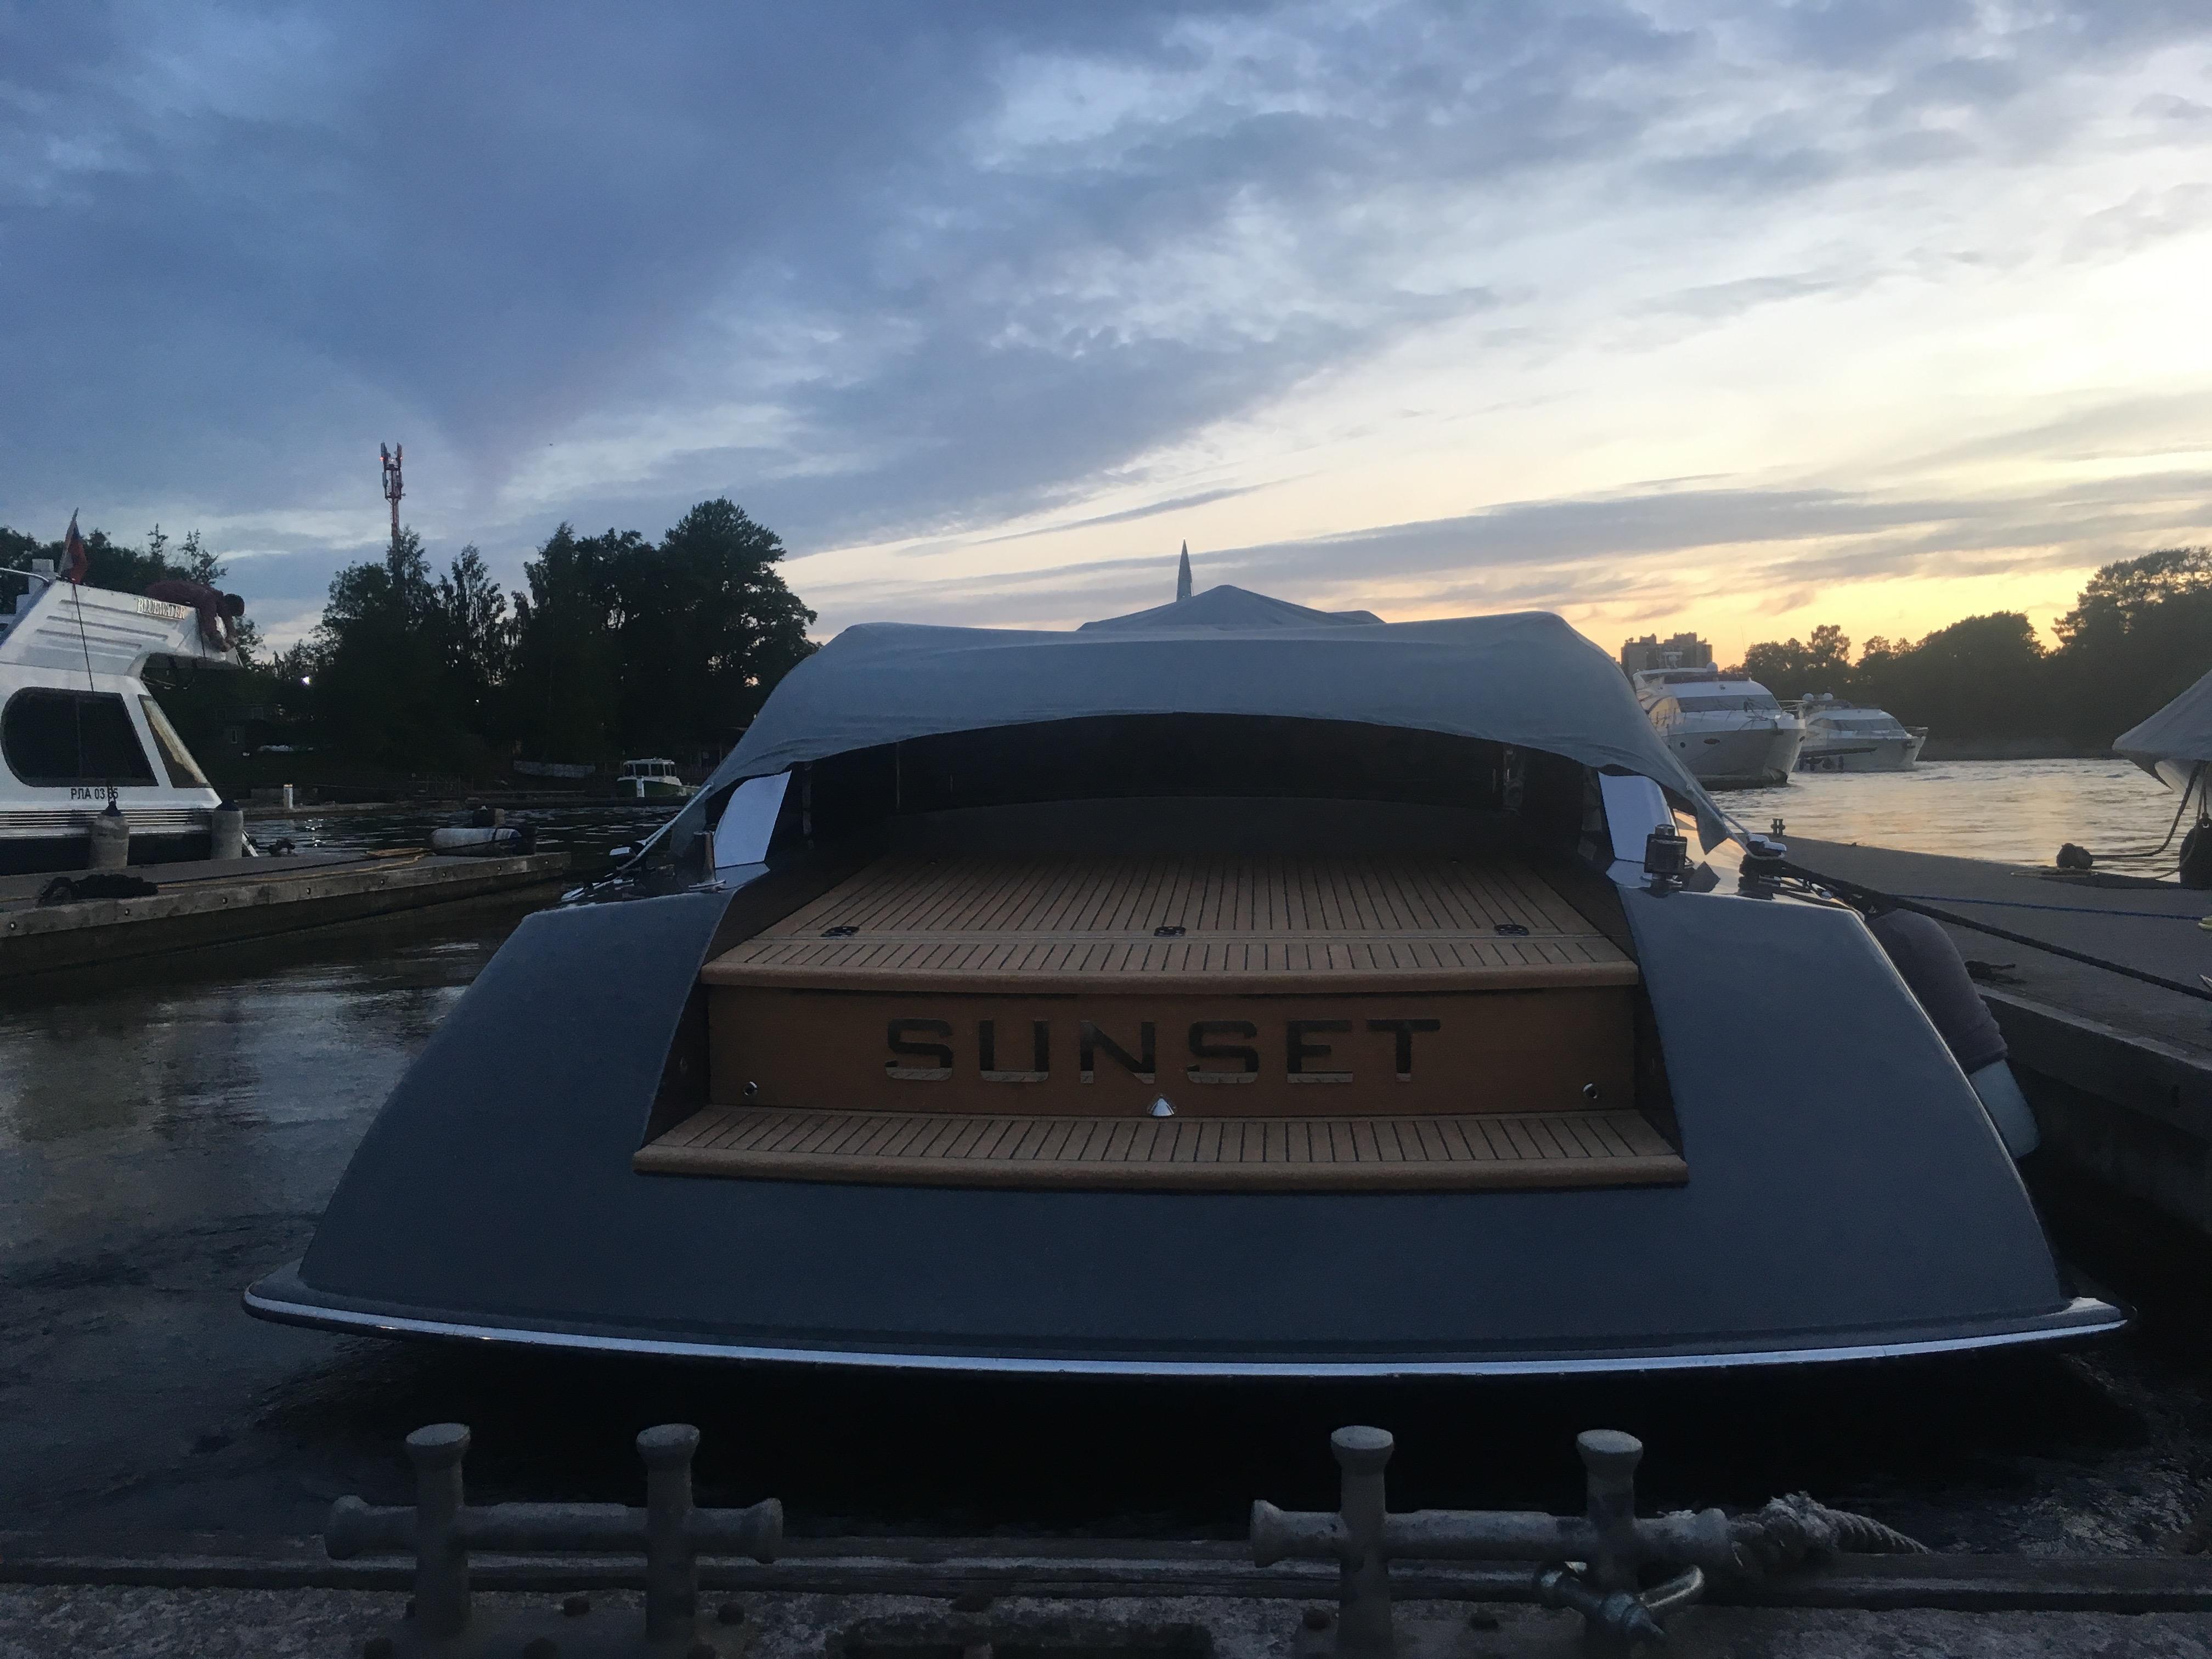 Катер Sunset